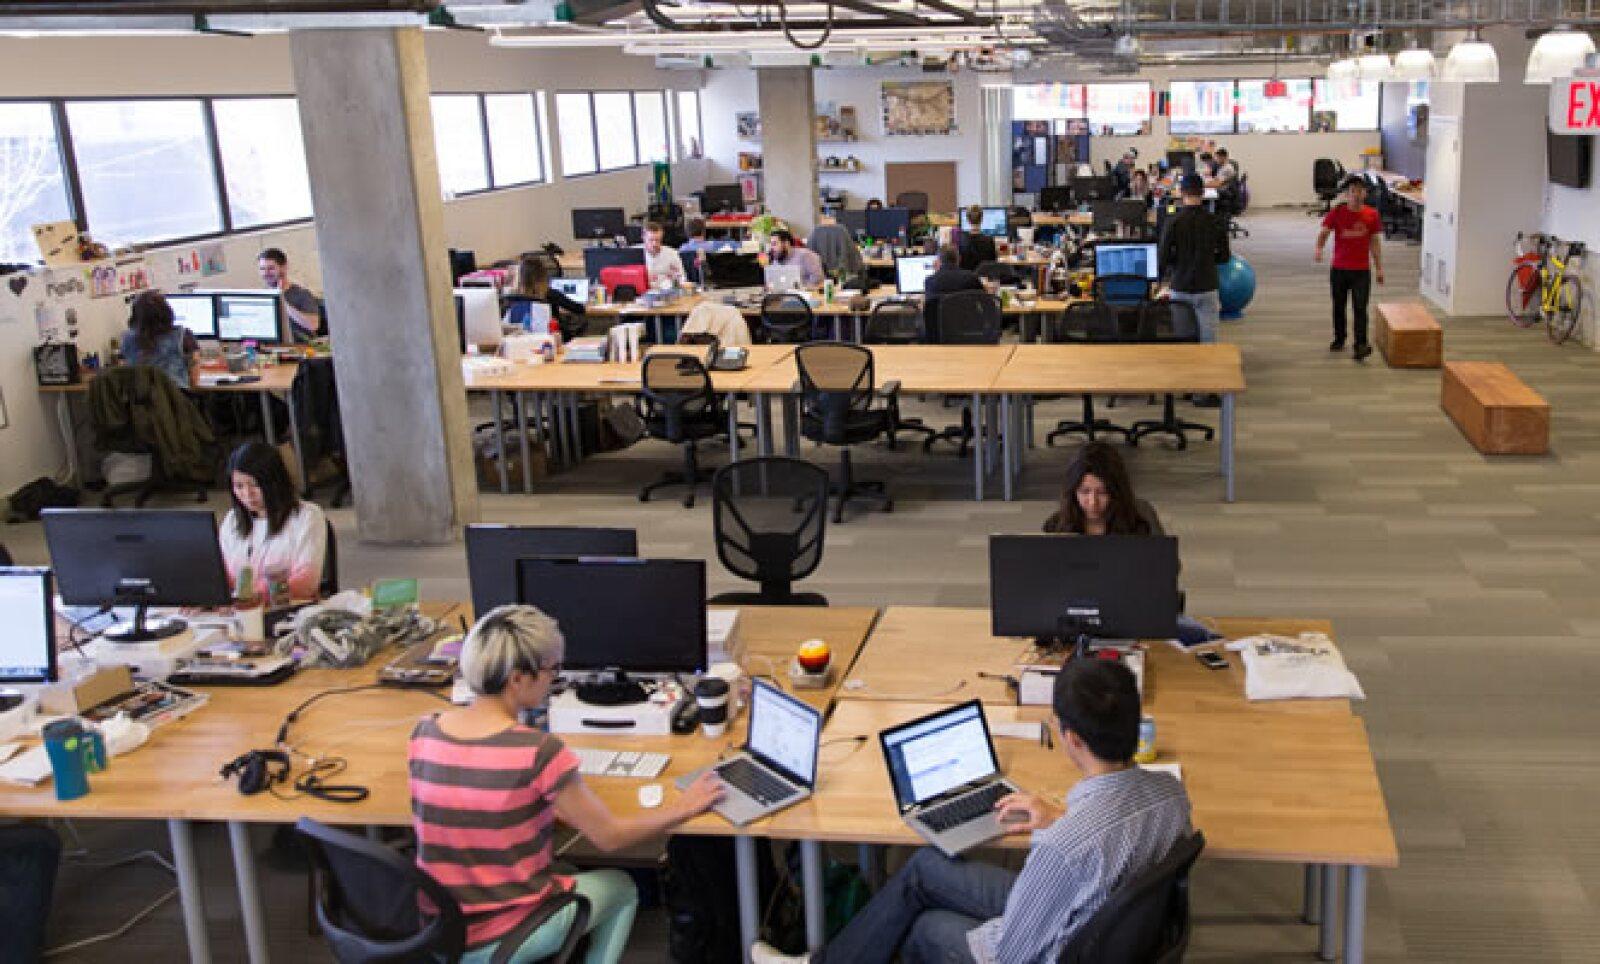 Como muchas otras startups Hootsuite opta por espacios de oficina abiertos. La diferencia es que la madera es visible en cada parte de la oficina